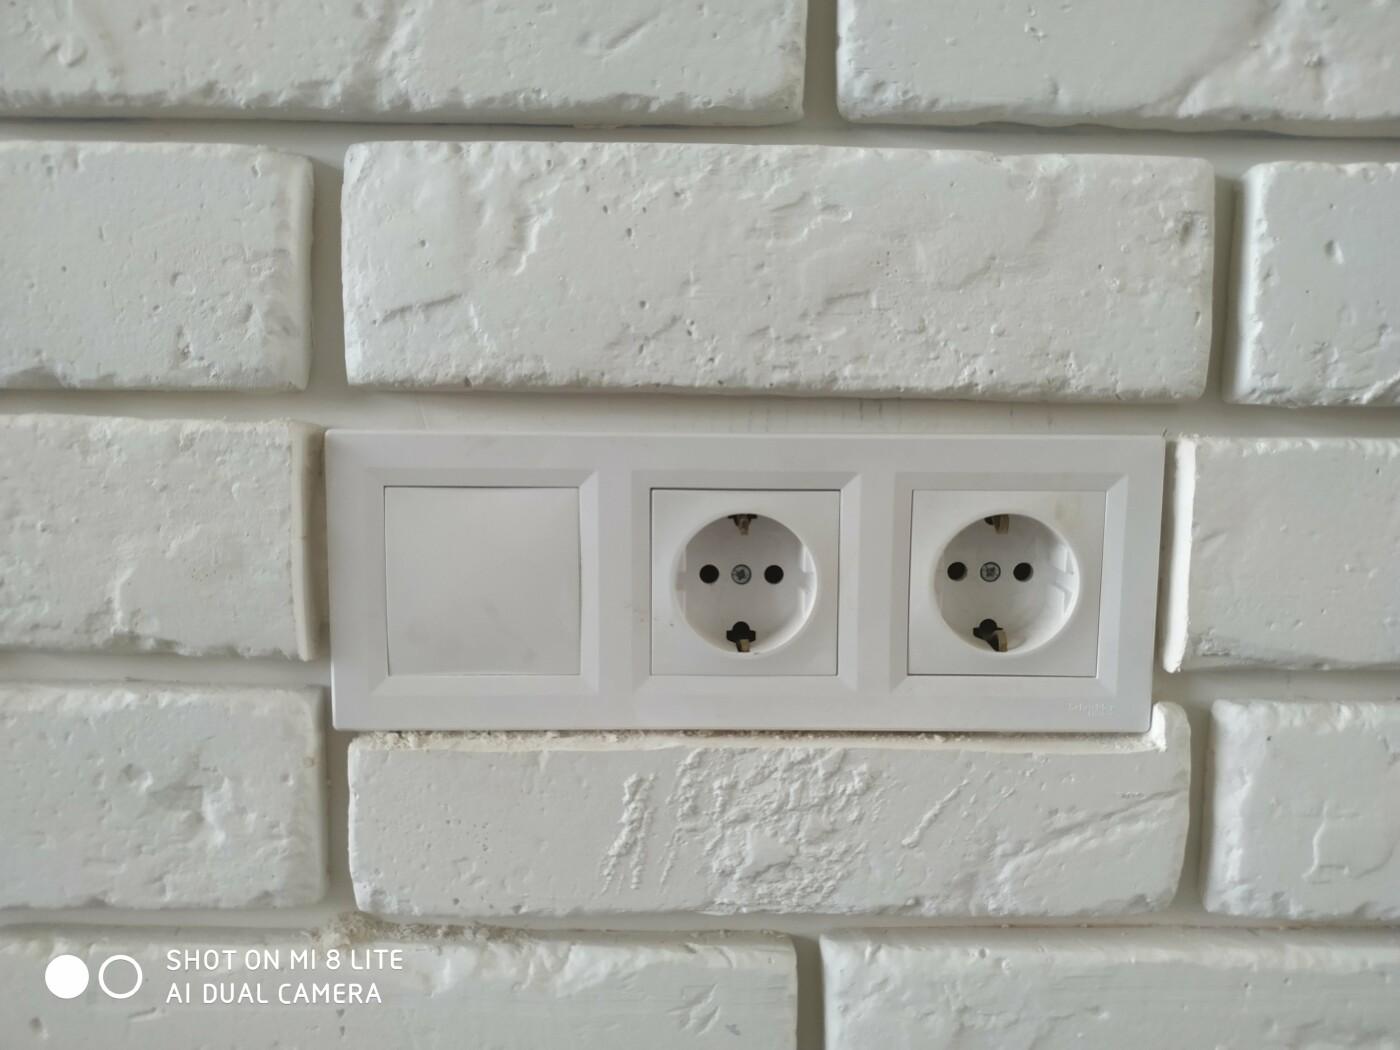 Все для ремонта и благоустройства дома, советы от компаний в Харькове, фото-56